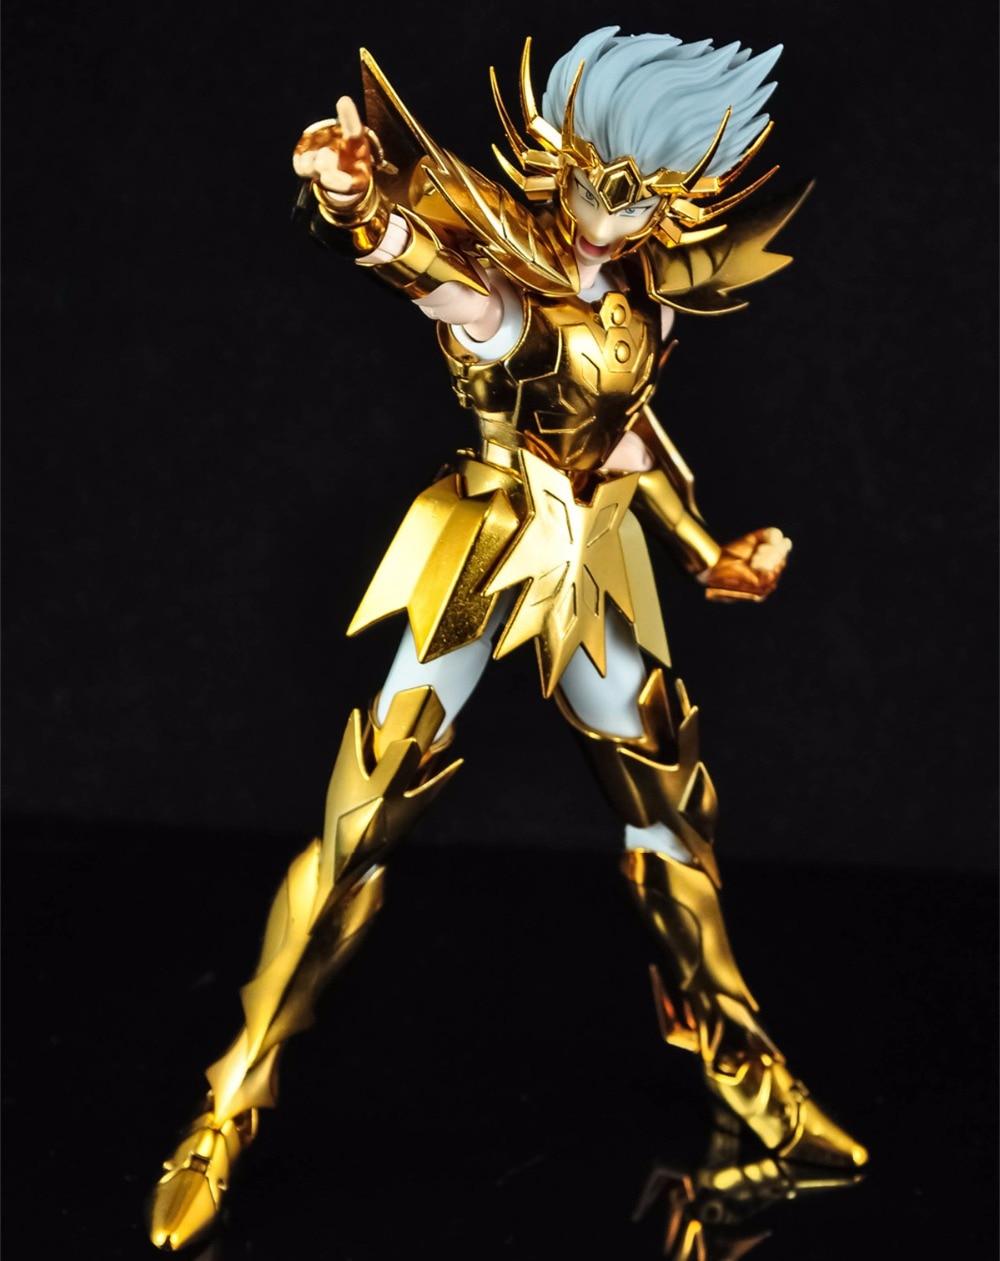 MC metalowe klub Saint Seiya moth tkaniny EX złoty raka maska śmierci model metalowa tkanina OCE edycja w Figurki i postaci od Zabawki i hobby na  Grupa 2